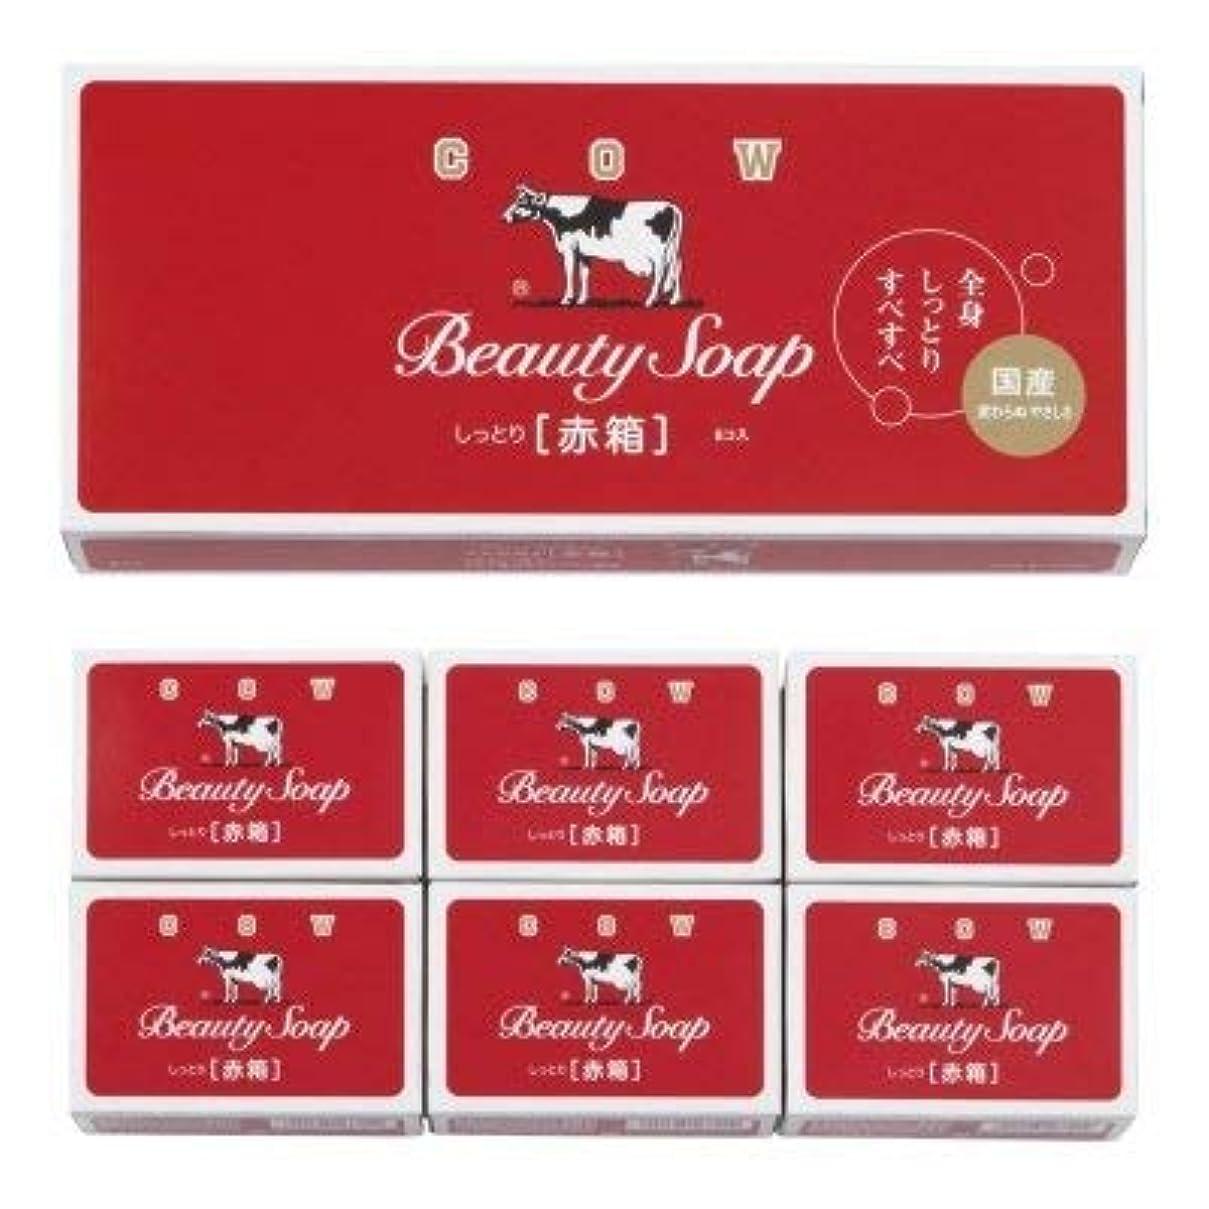 議論する旅行代理店マダム【国産】牛乳石鹸 カウブランド 赤箱6コ入 (12個1セット)